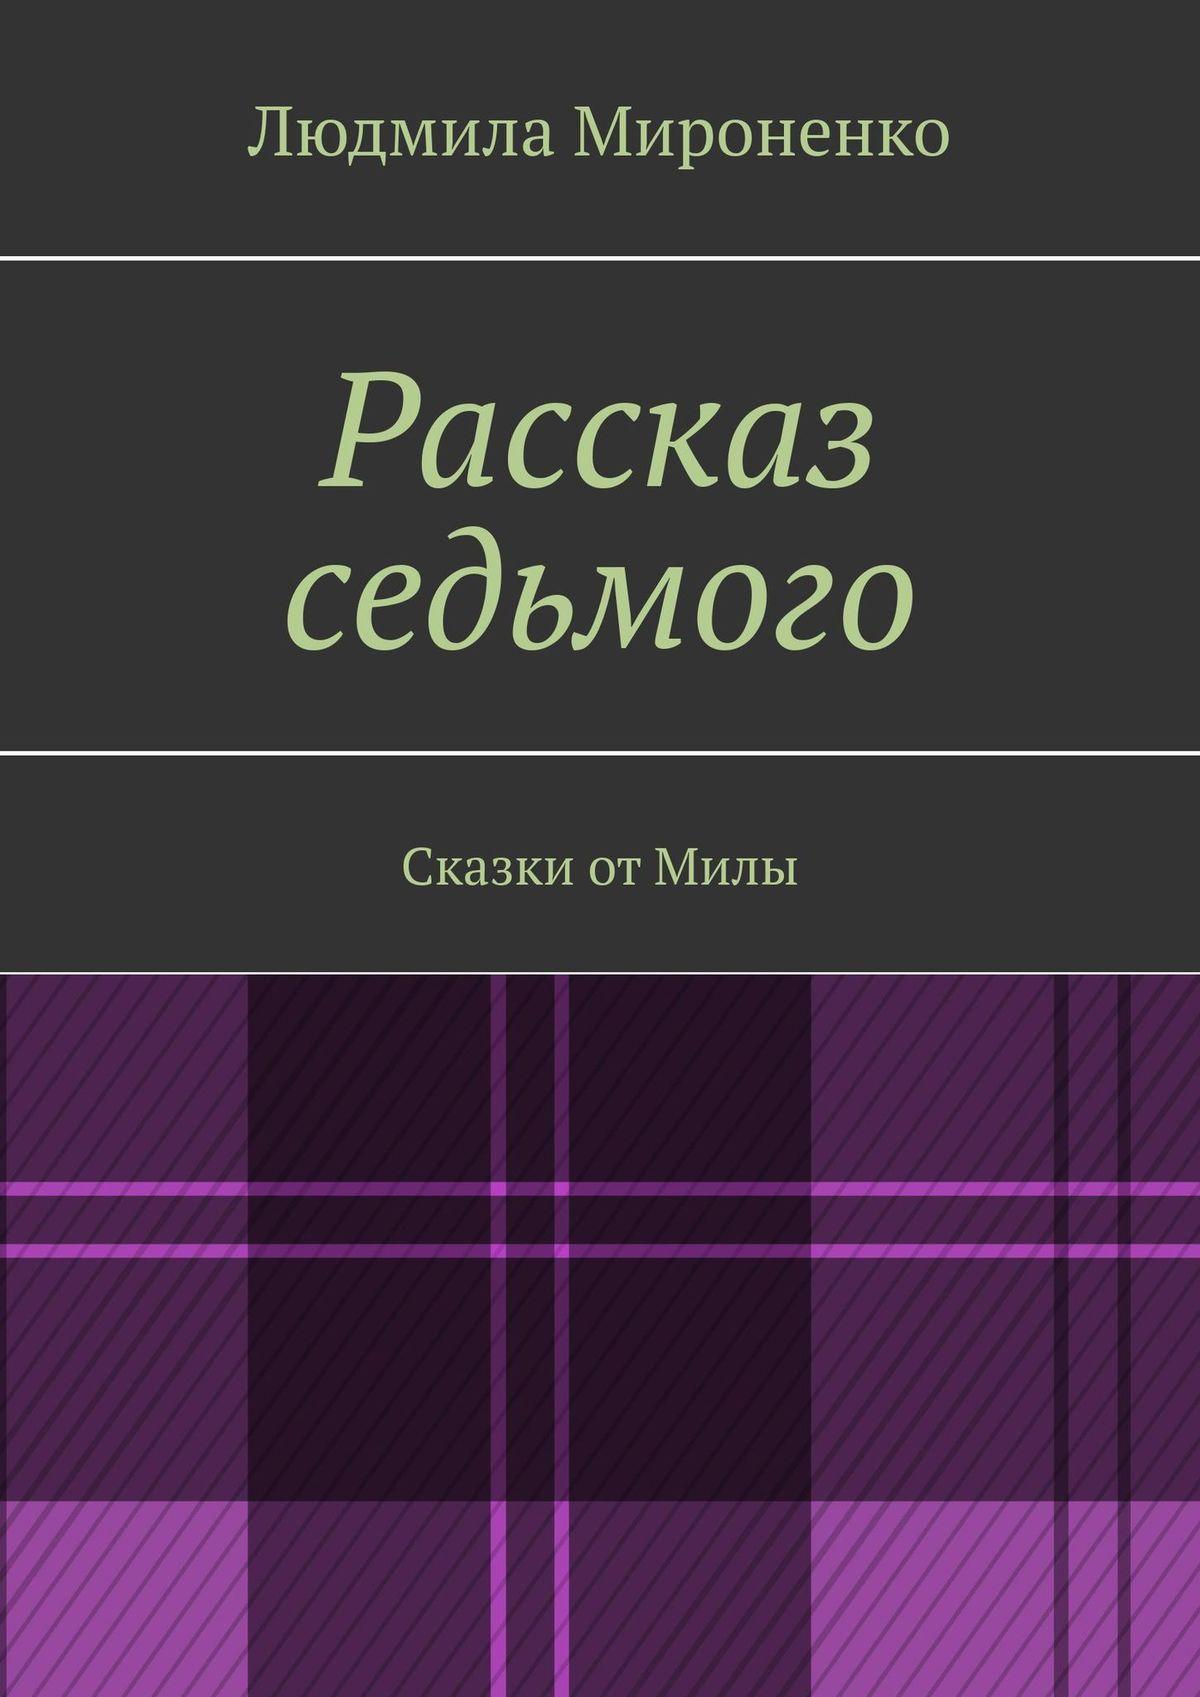 Людмила Мироненко Рассказ седьмого